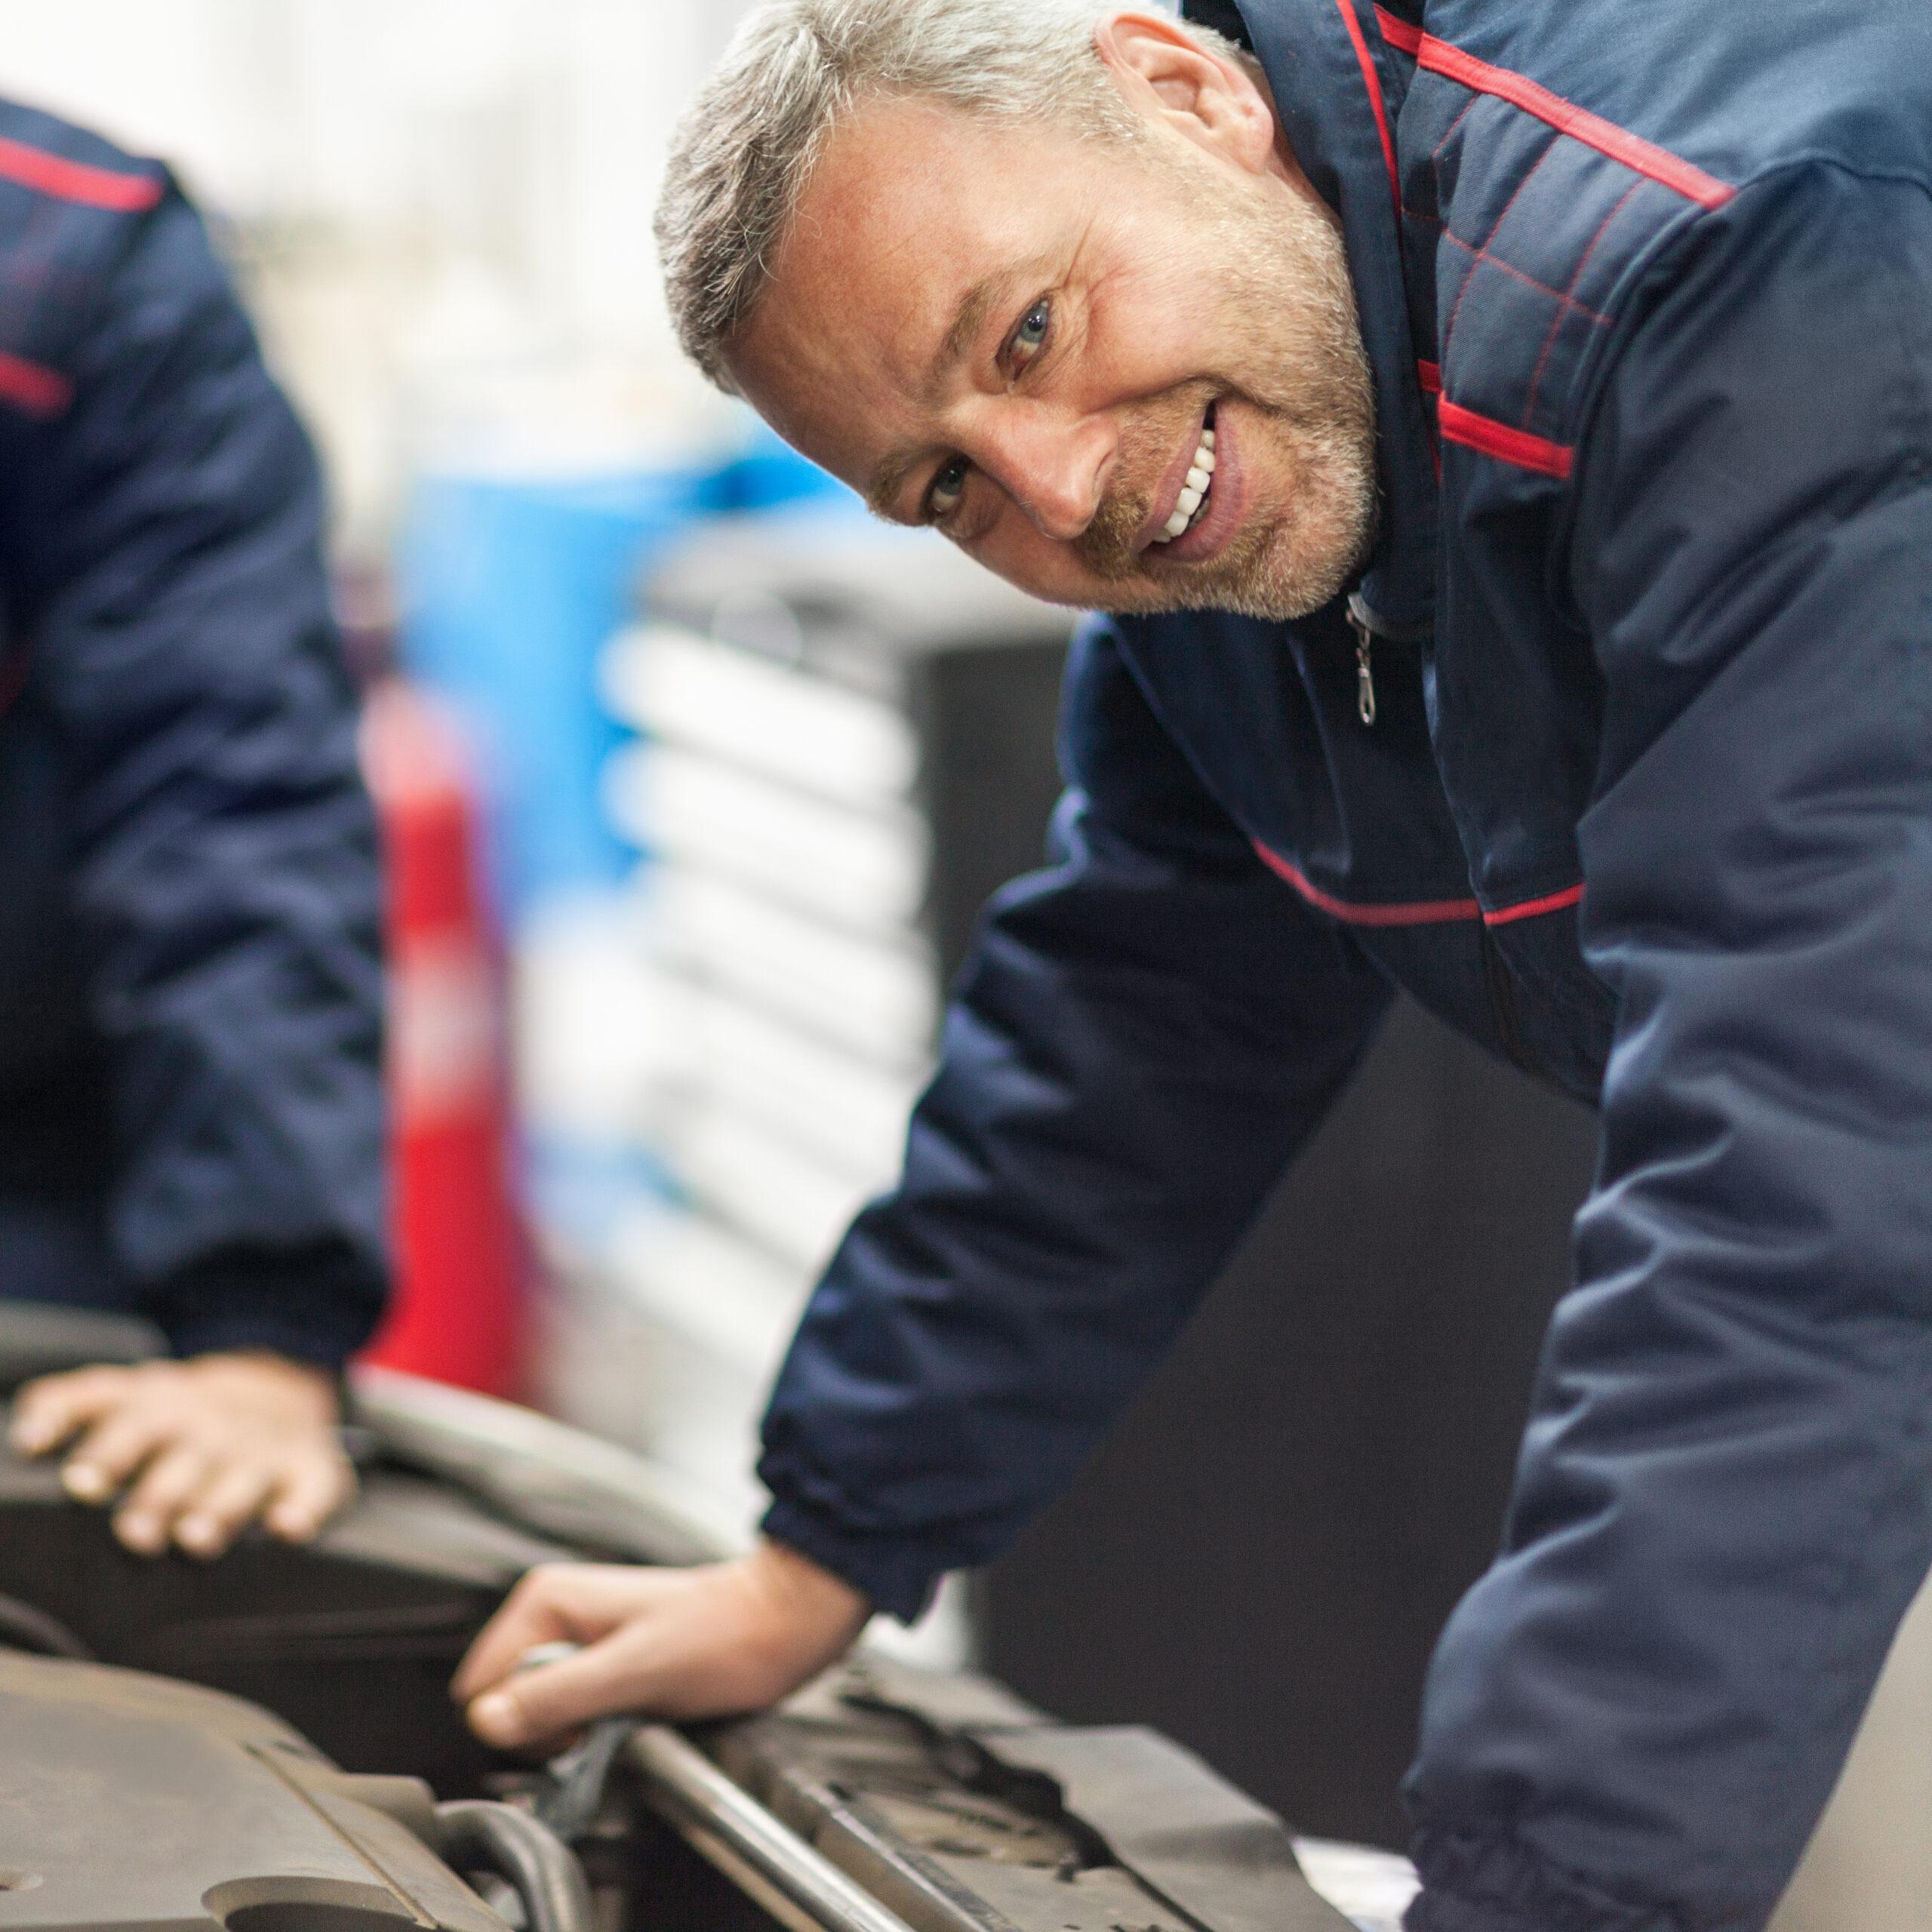 Auto mechanics working in repair shop